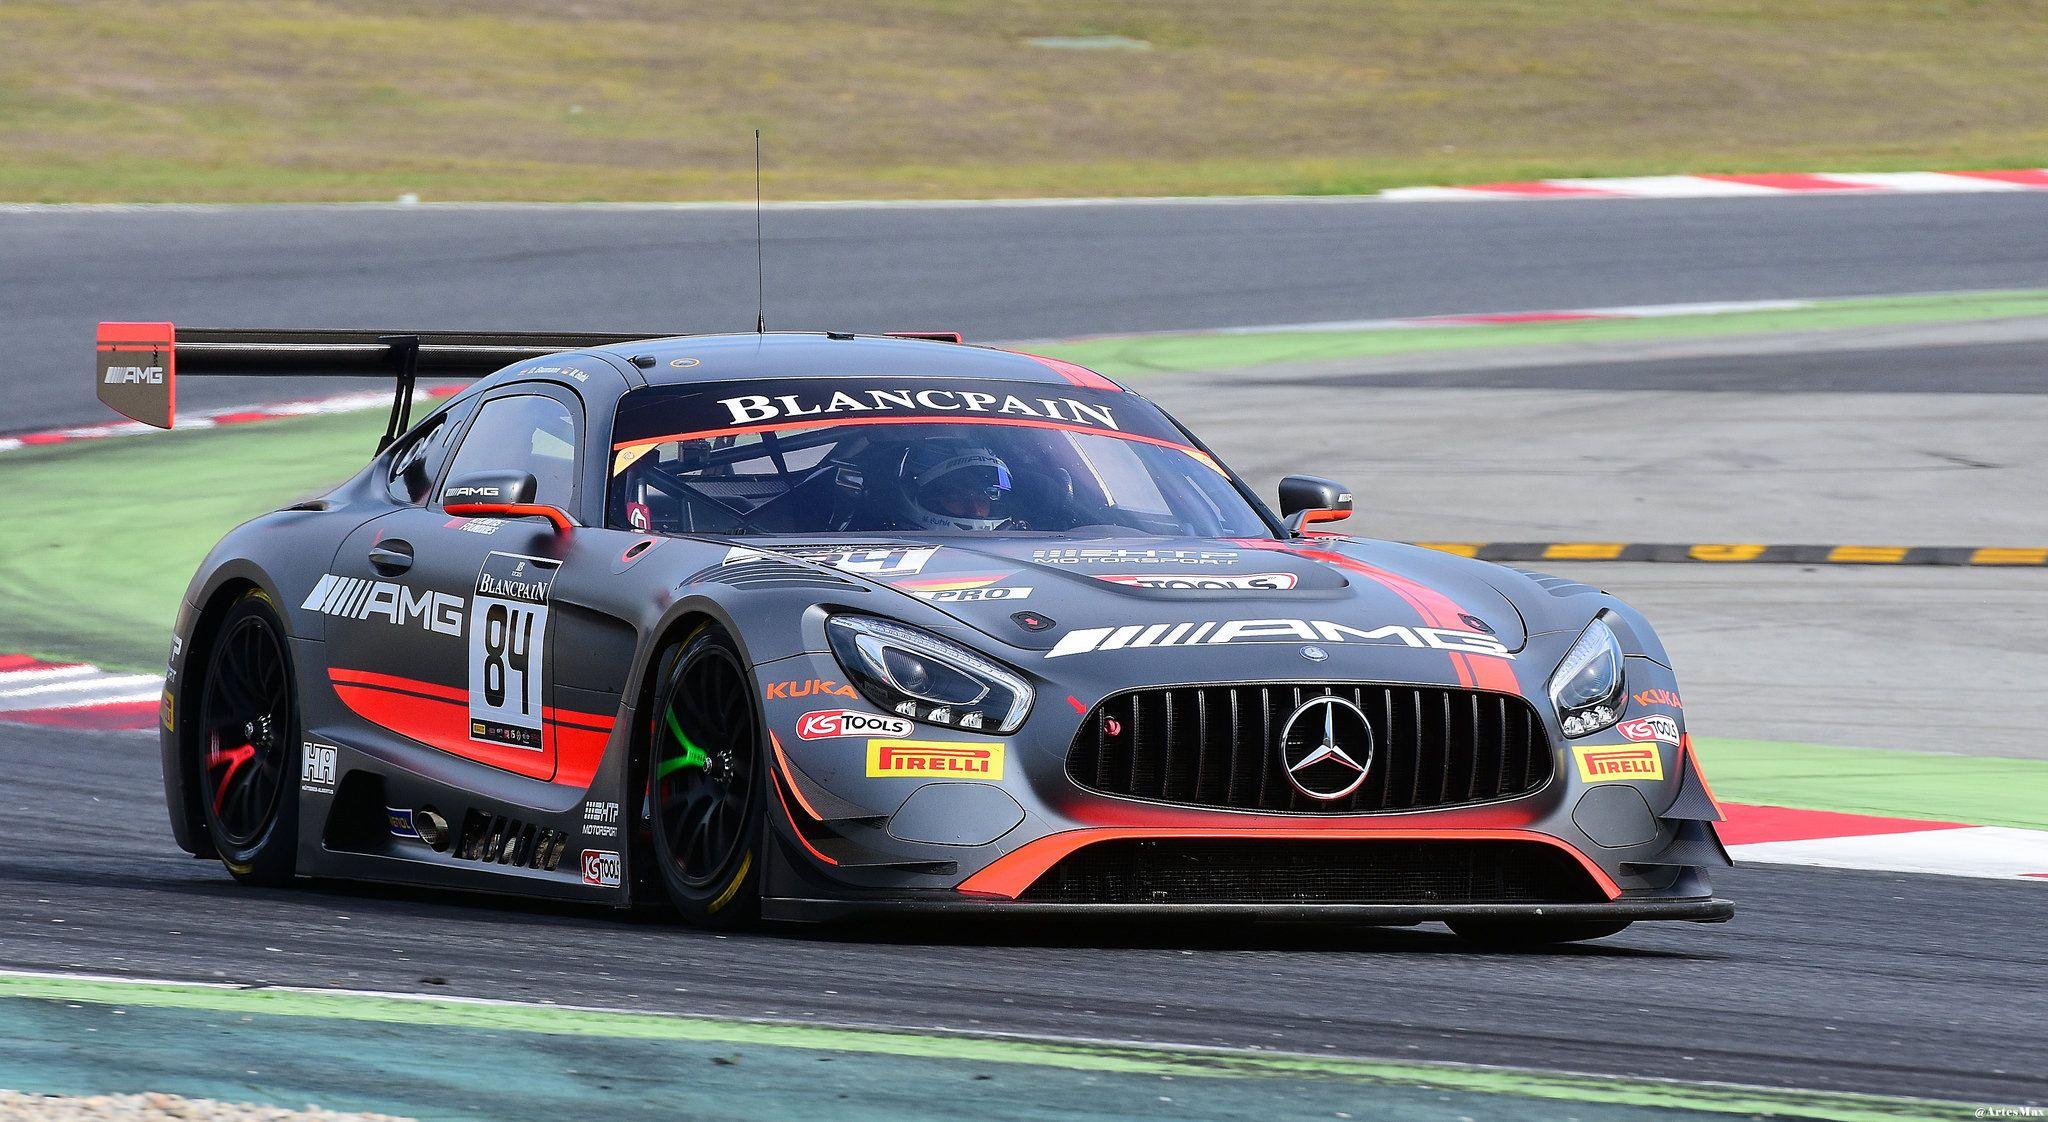 Mercedes Amg Gt3 Dominik Baumann Maximilian Buhk Amg Team